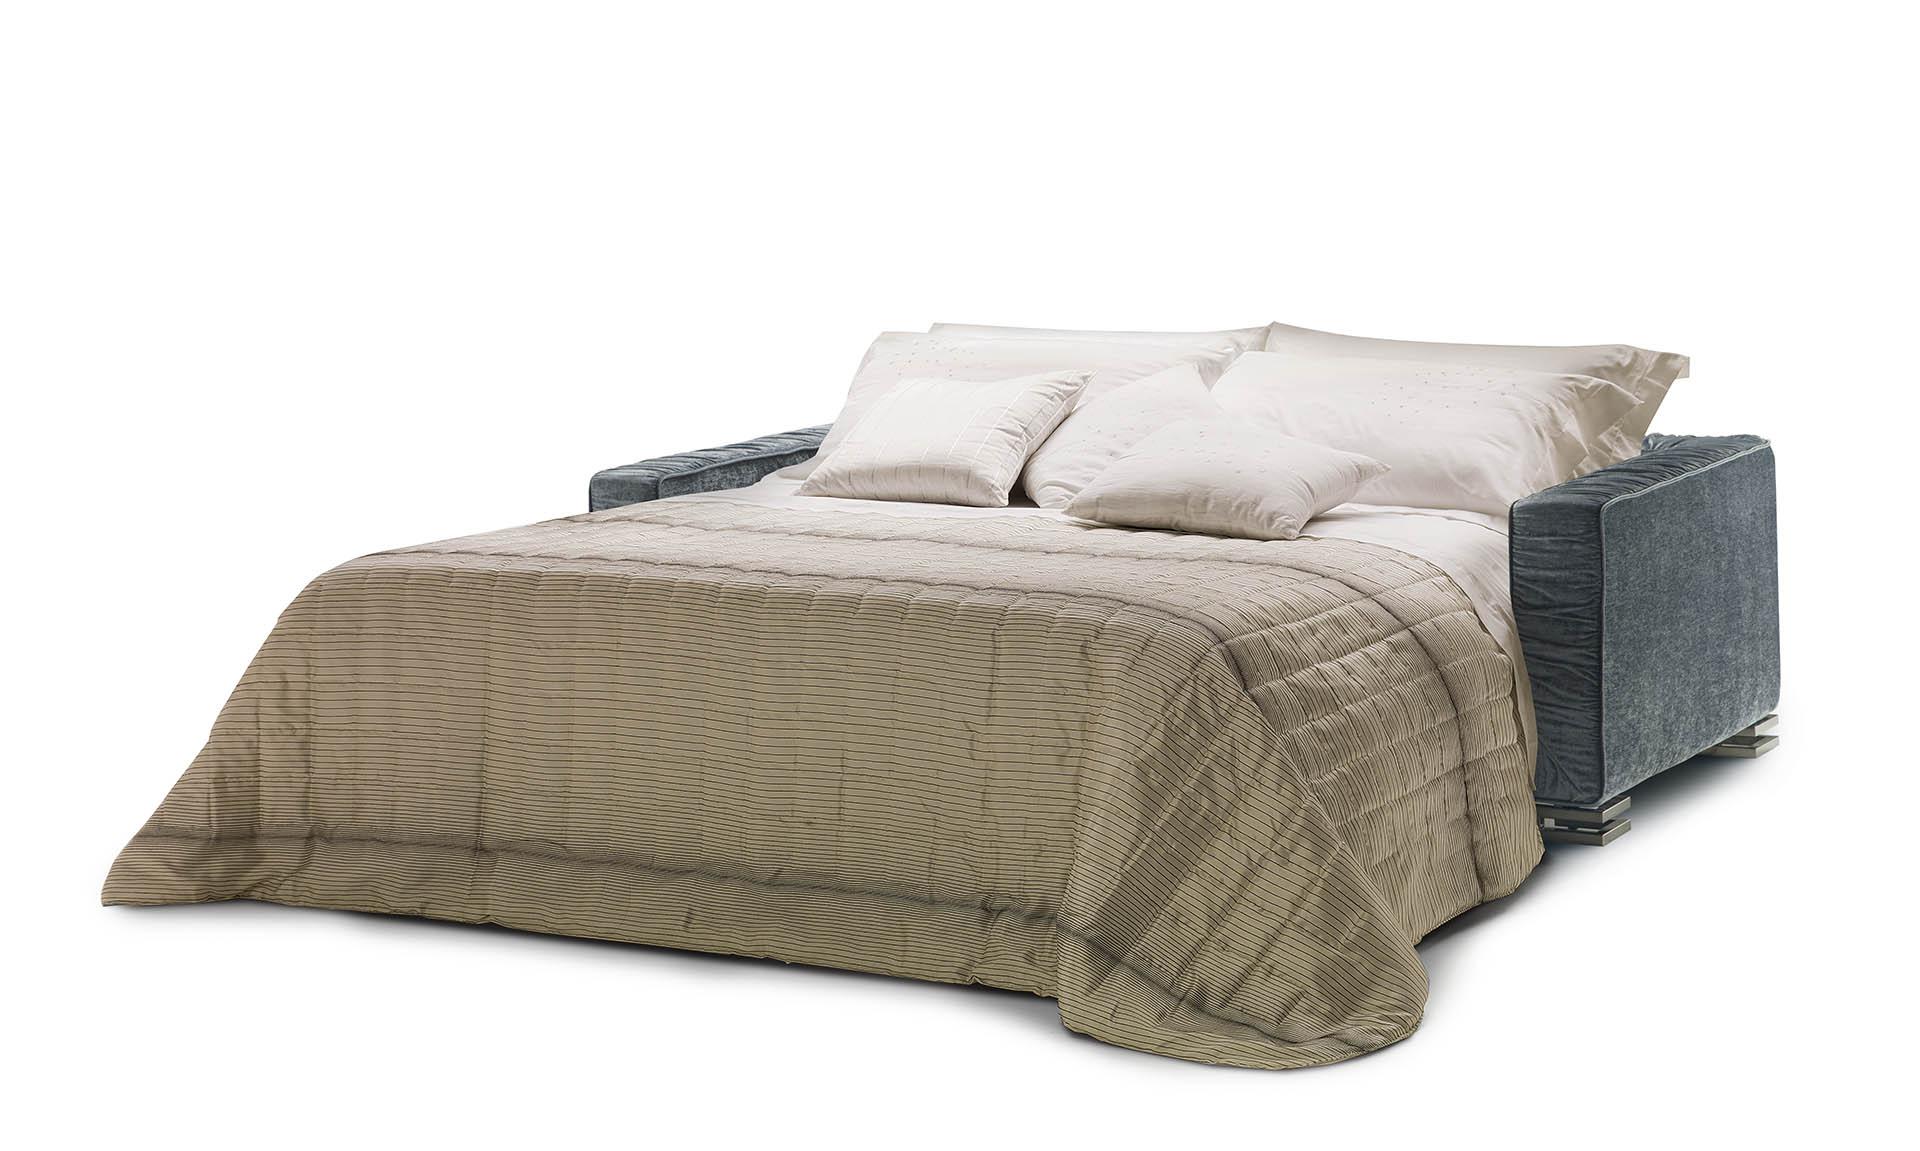 milano bedding divano letto garrison. Black Bedroom Furniture Sets. Home Design Ideas